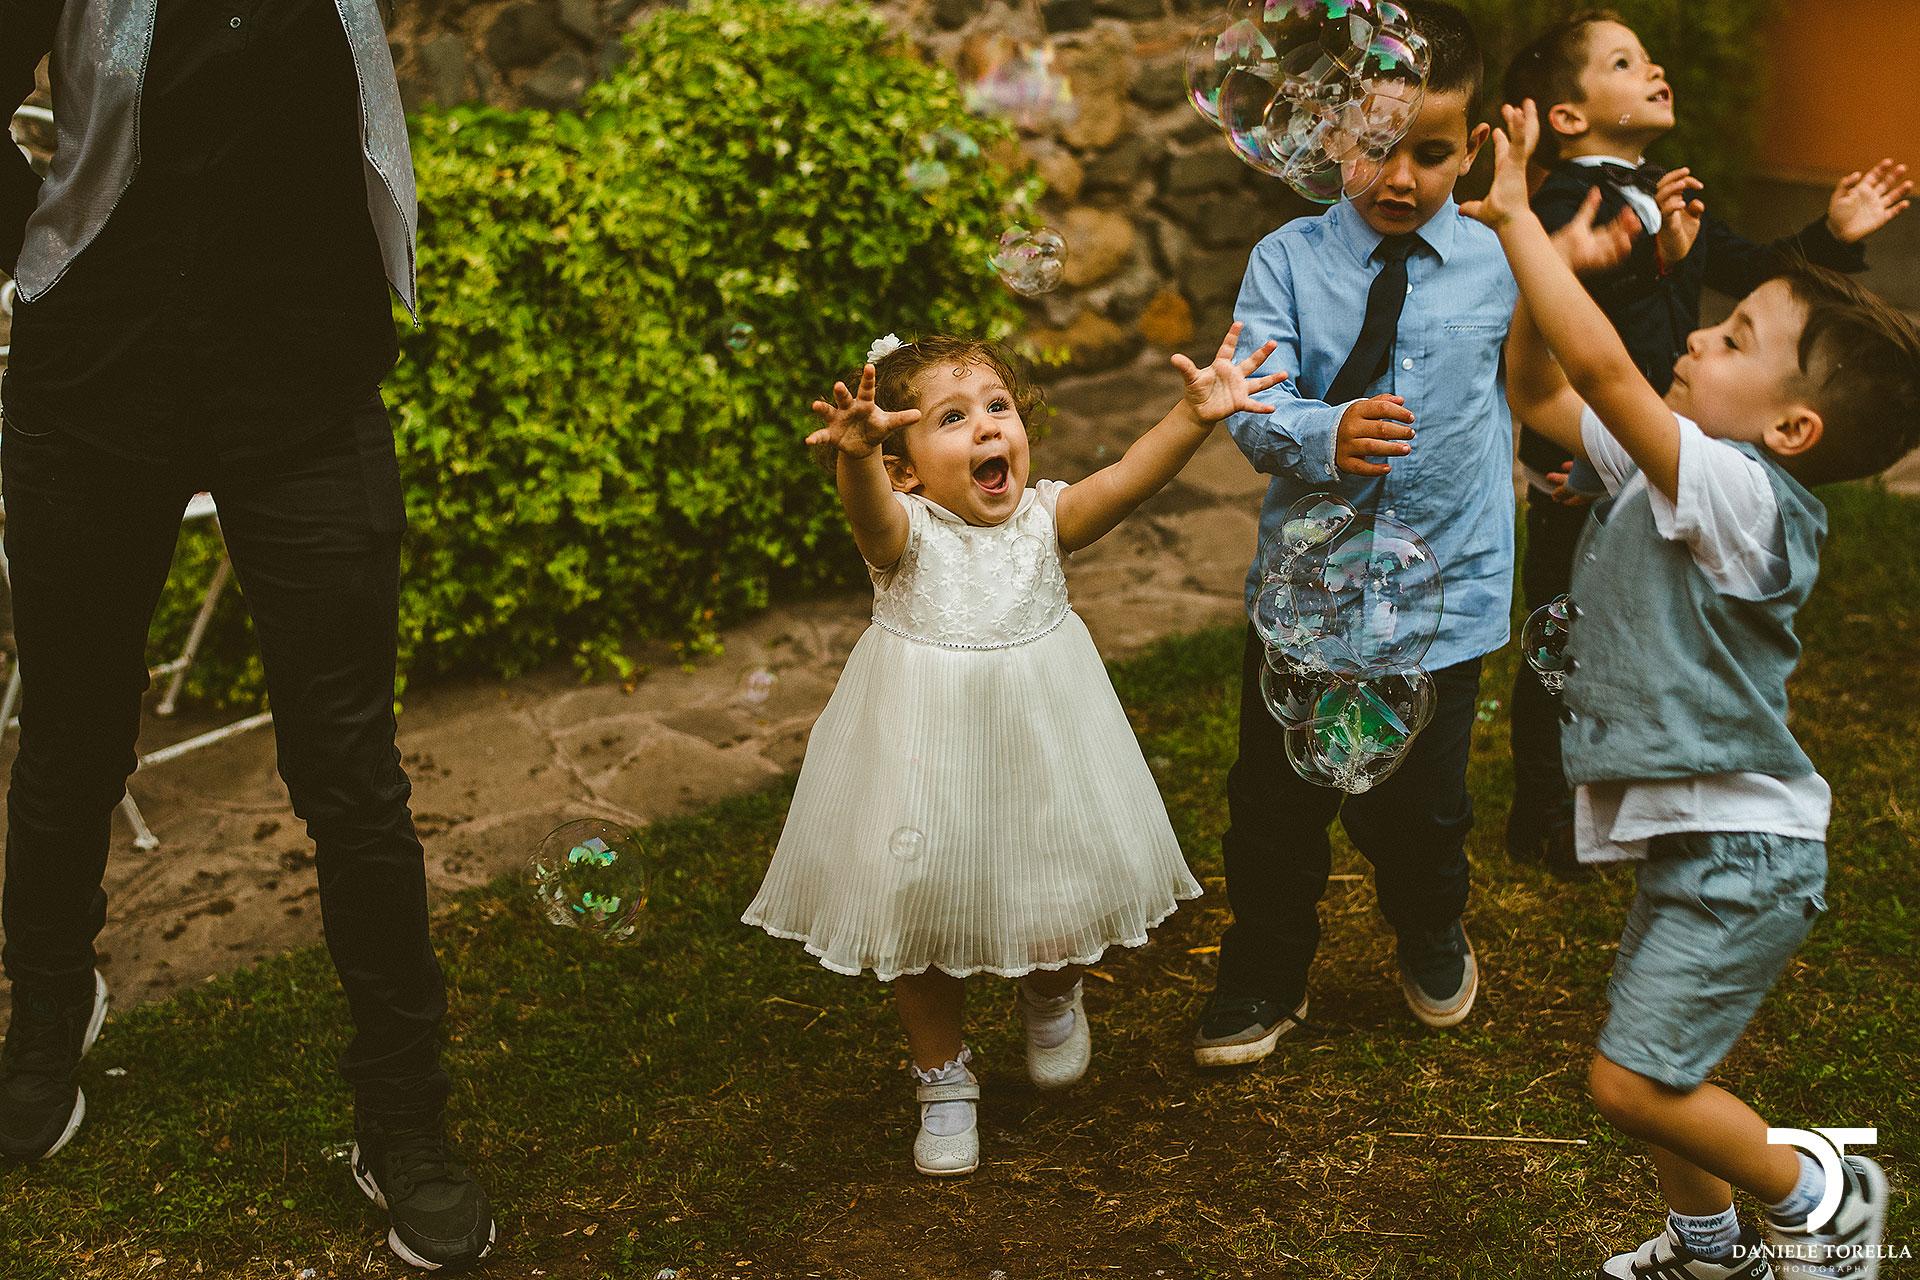 consiglio matrimonio: bue e animazione